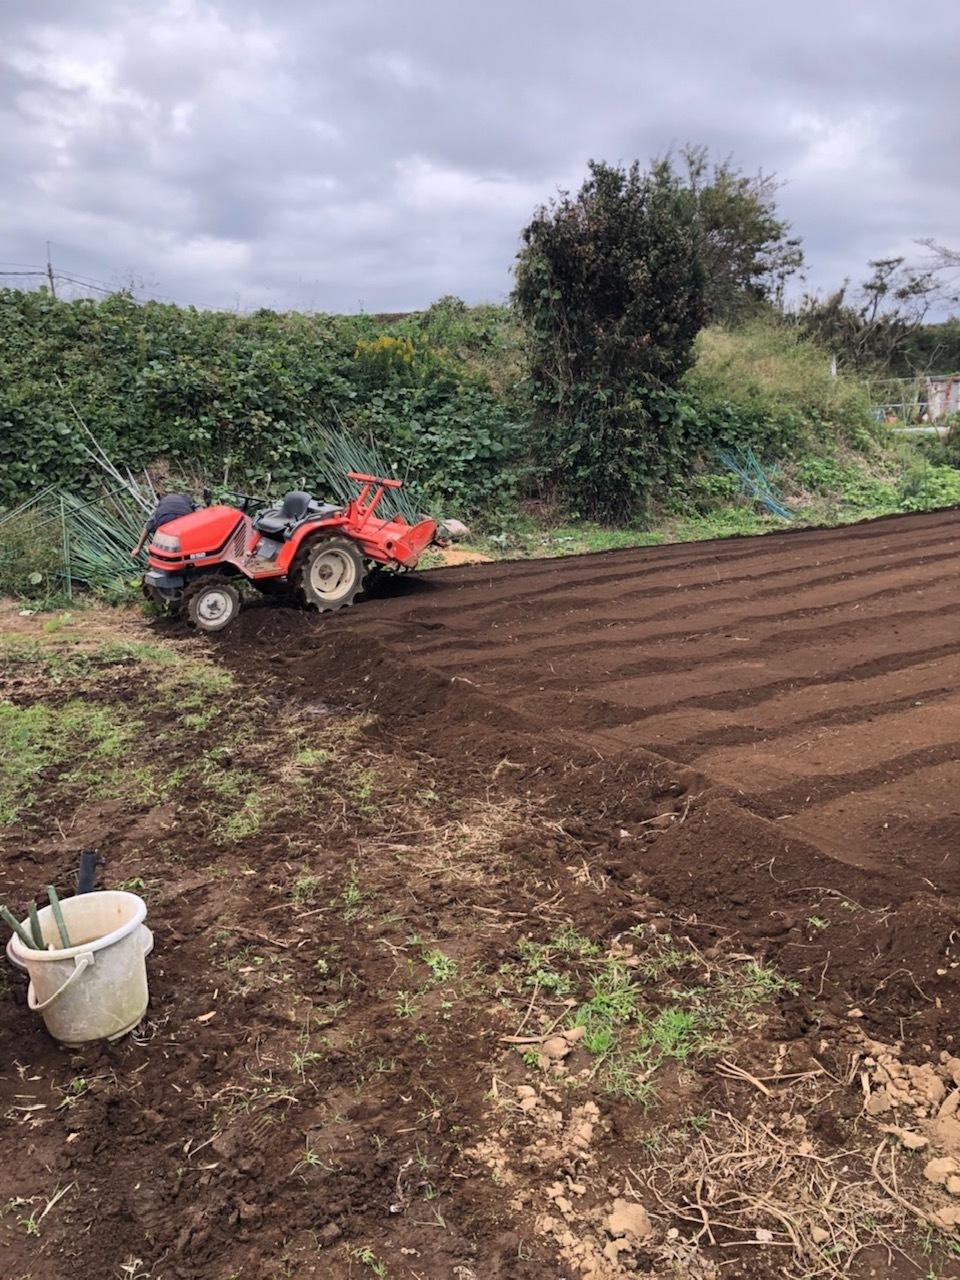 今朝は3人体制 畝を6本一気に作りました 蚕豆 エンドウ豆 スナップエンドウ 蕪 ほうれん草の畝です_c0222448_11574507.jpg